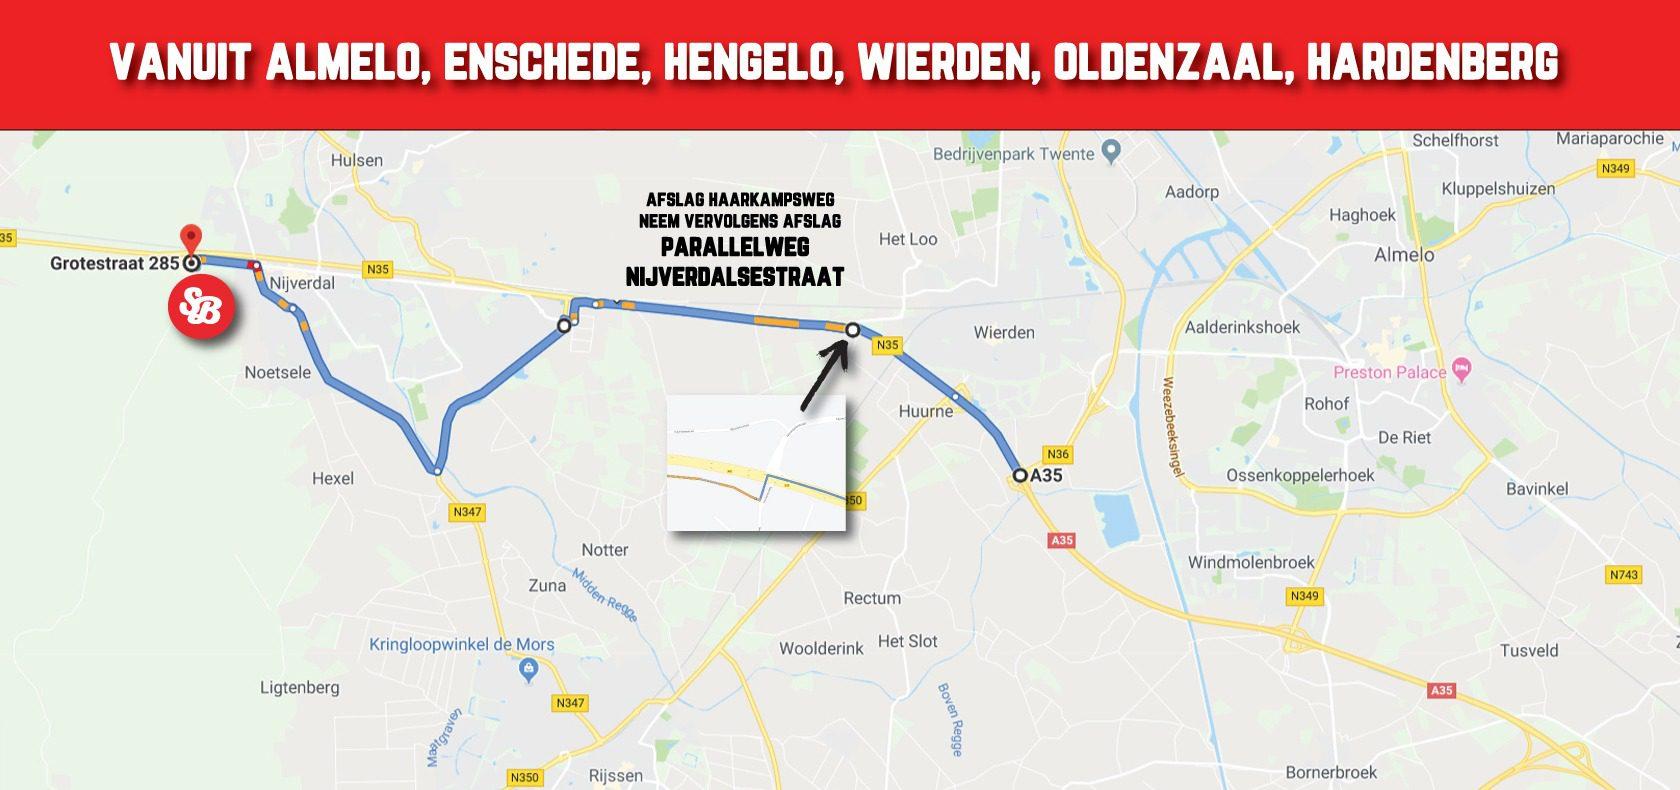 Omleiding-Almelo-Enschede-Hengelo-Hardenberg-Oldenzaal